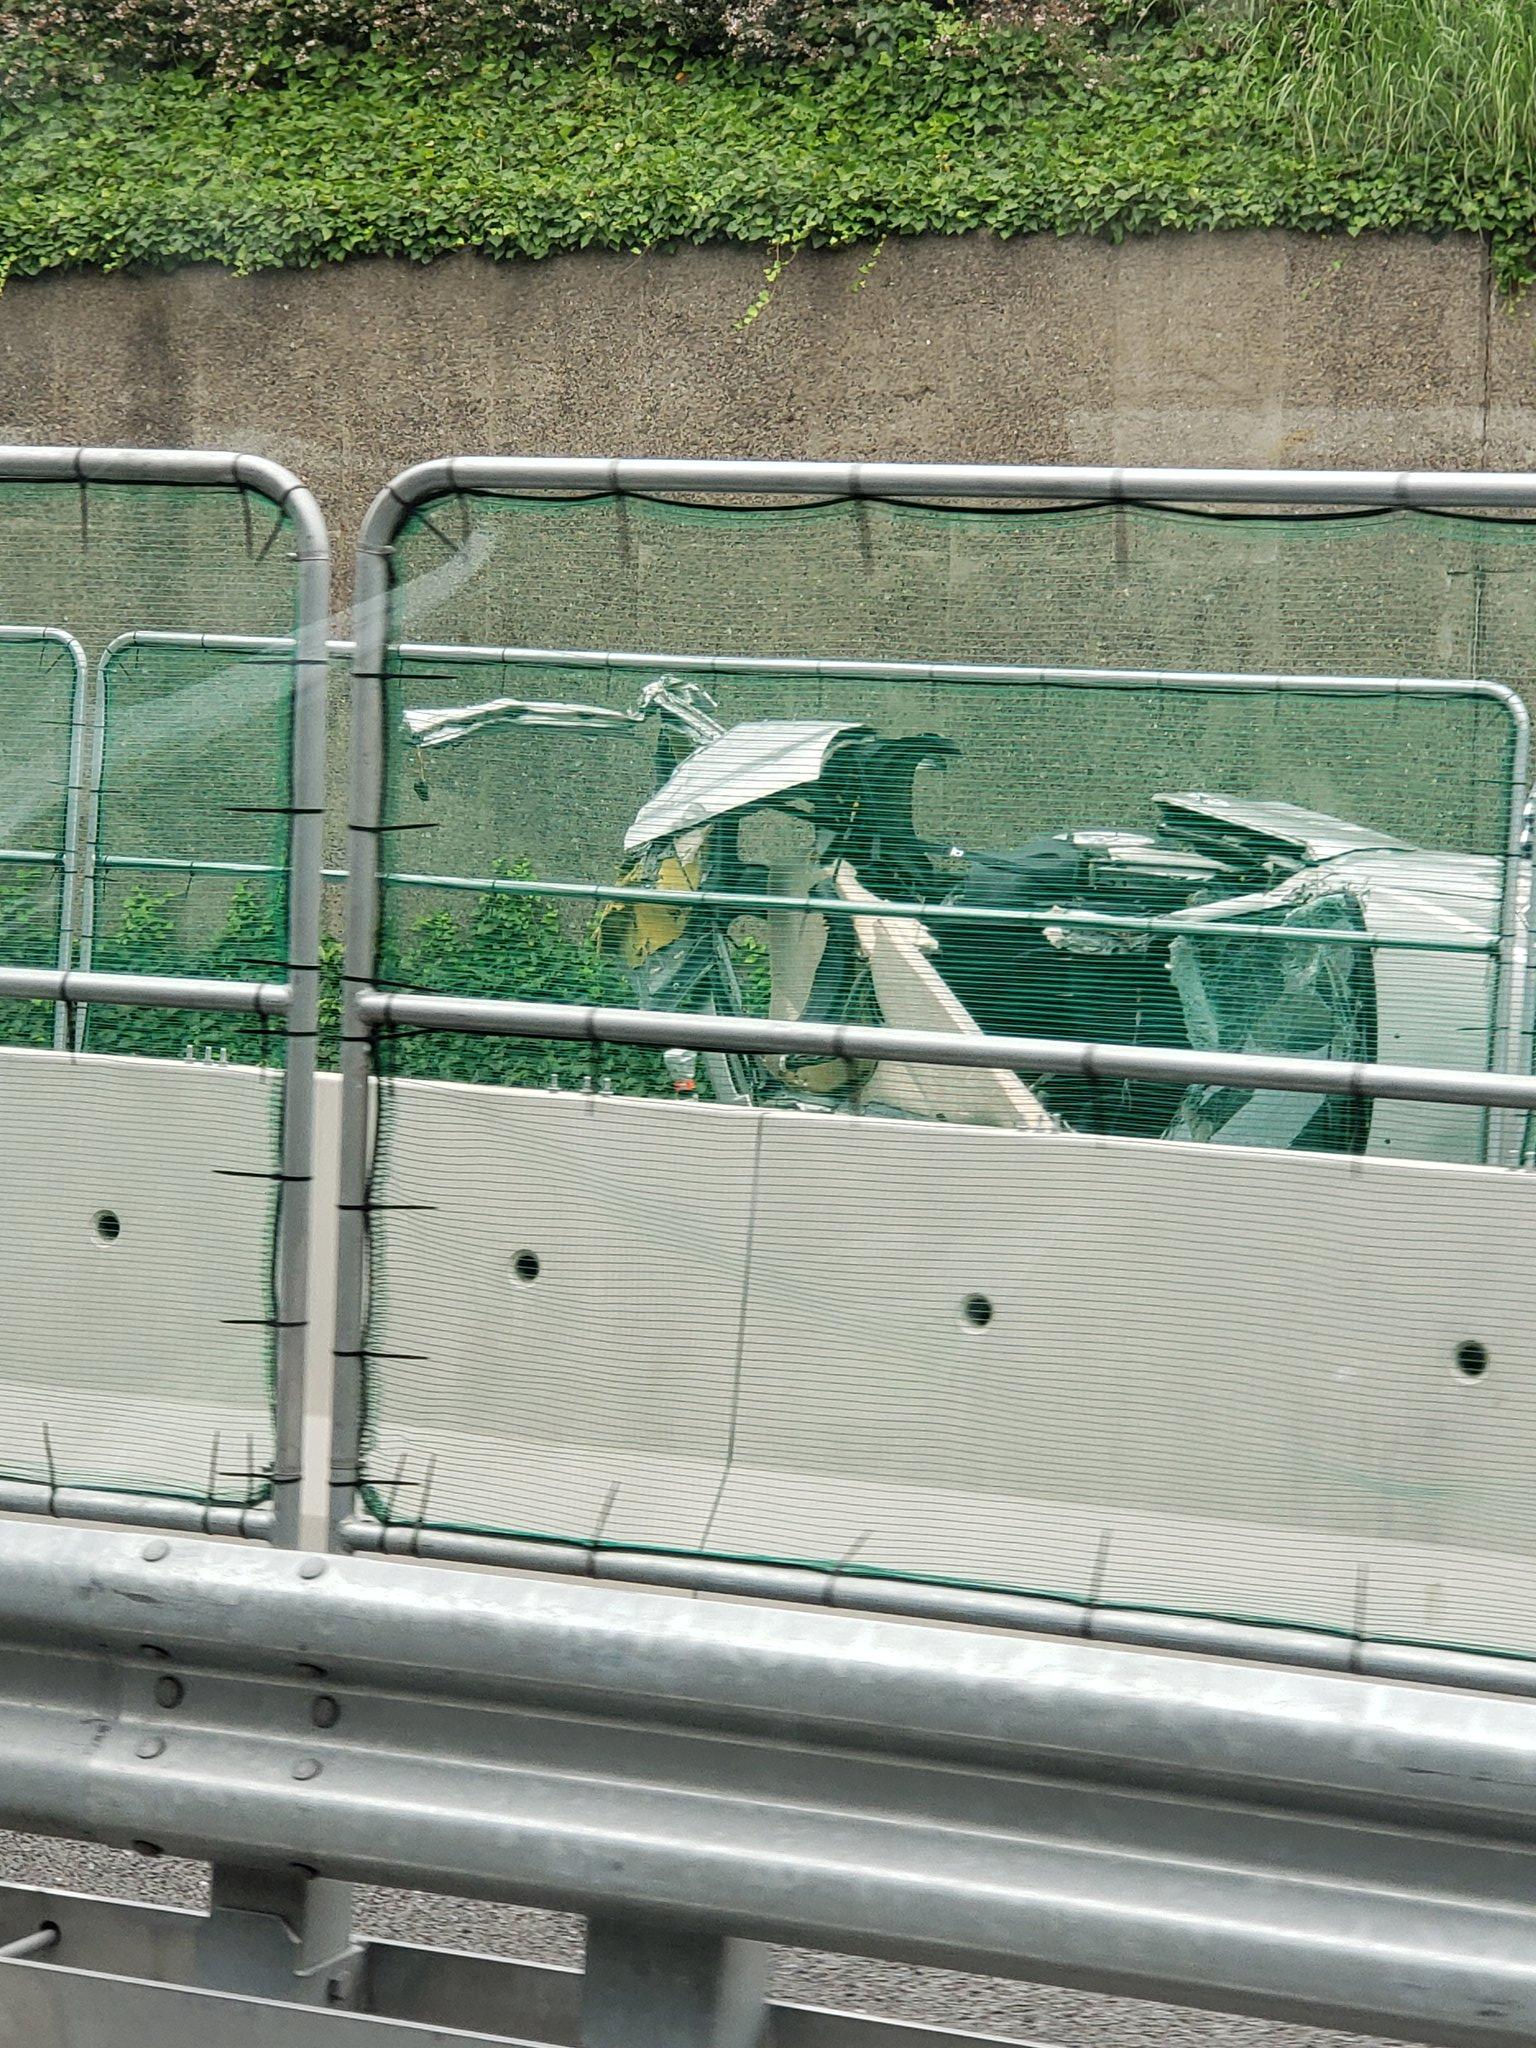 京葉道路下りで車が大破する事故現場の画像